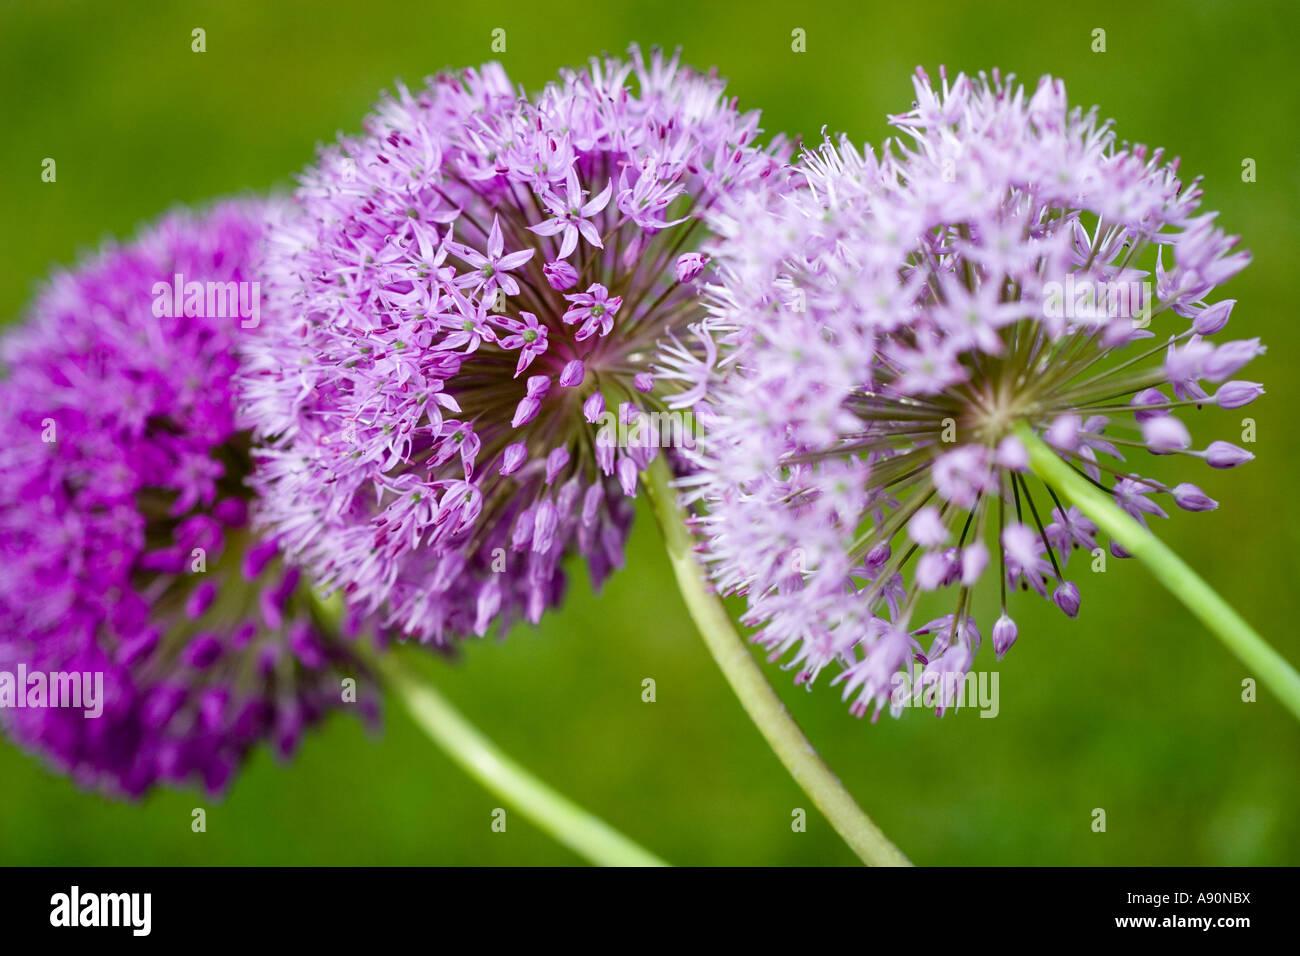 Trio of Alliums - Stock Image